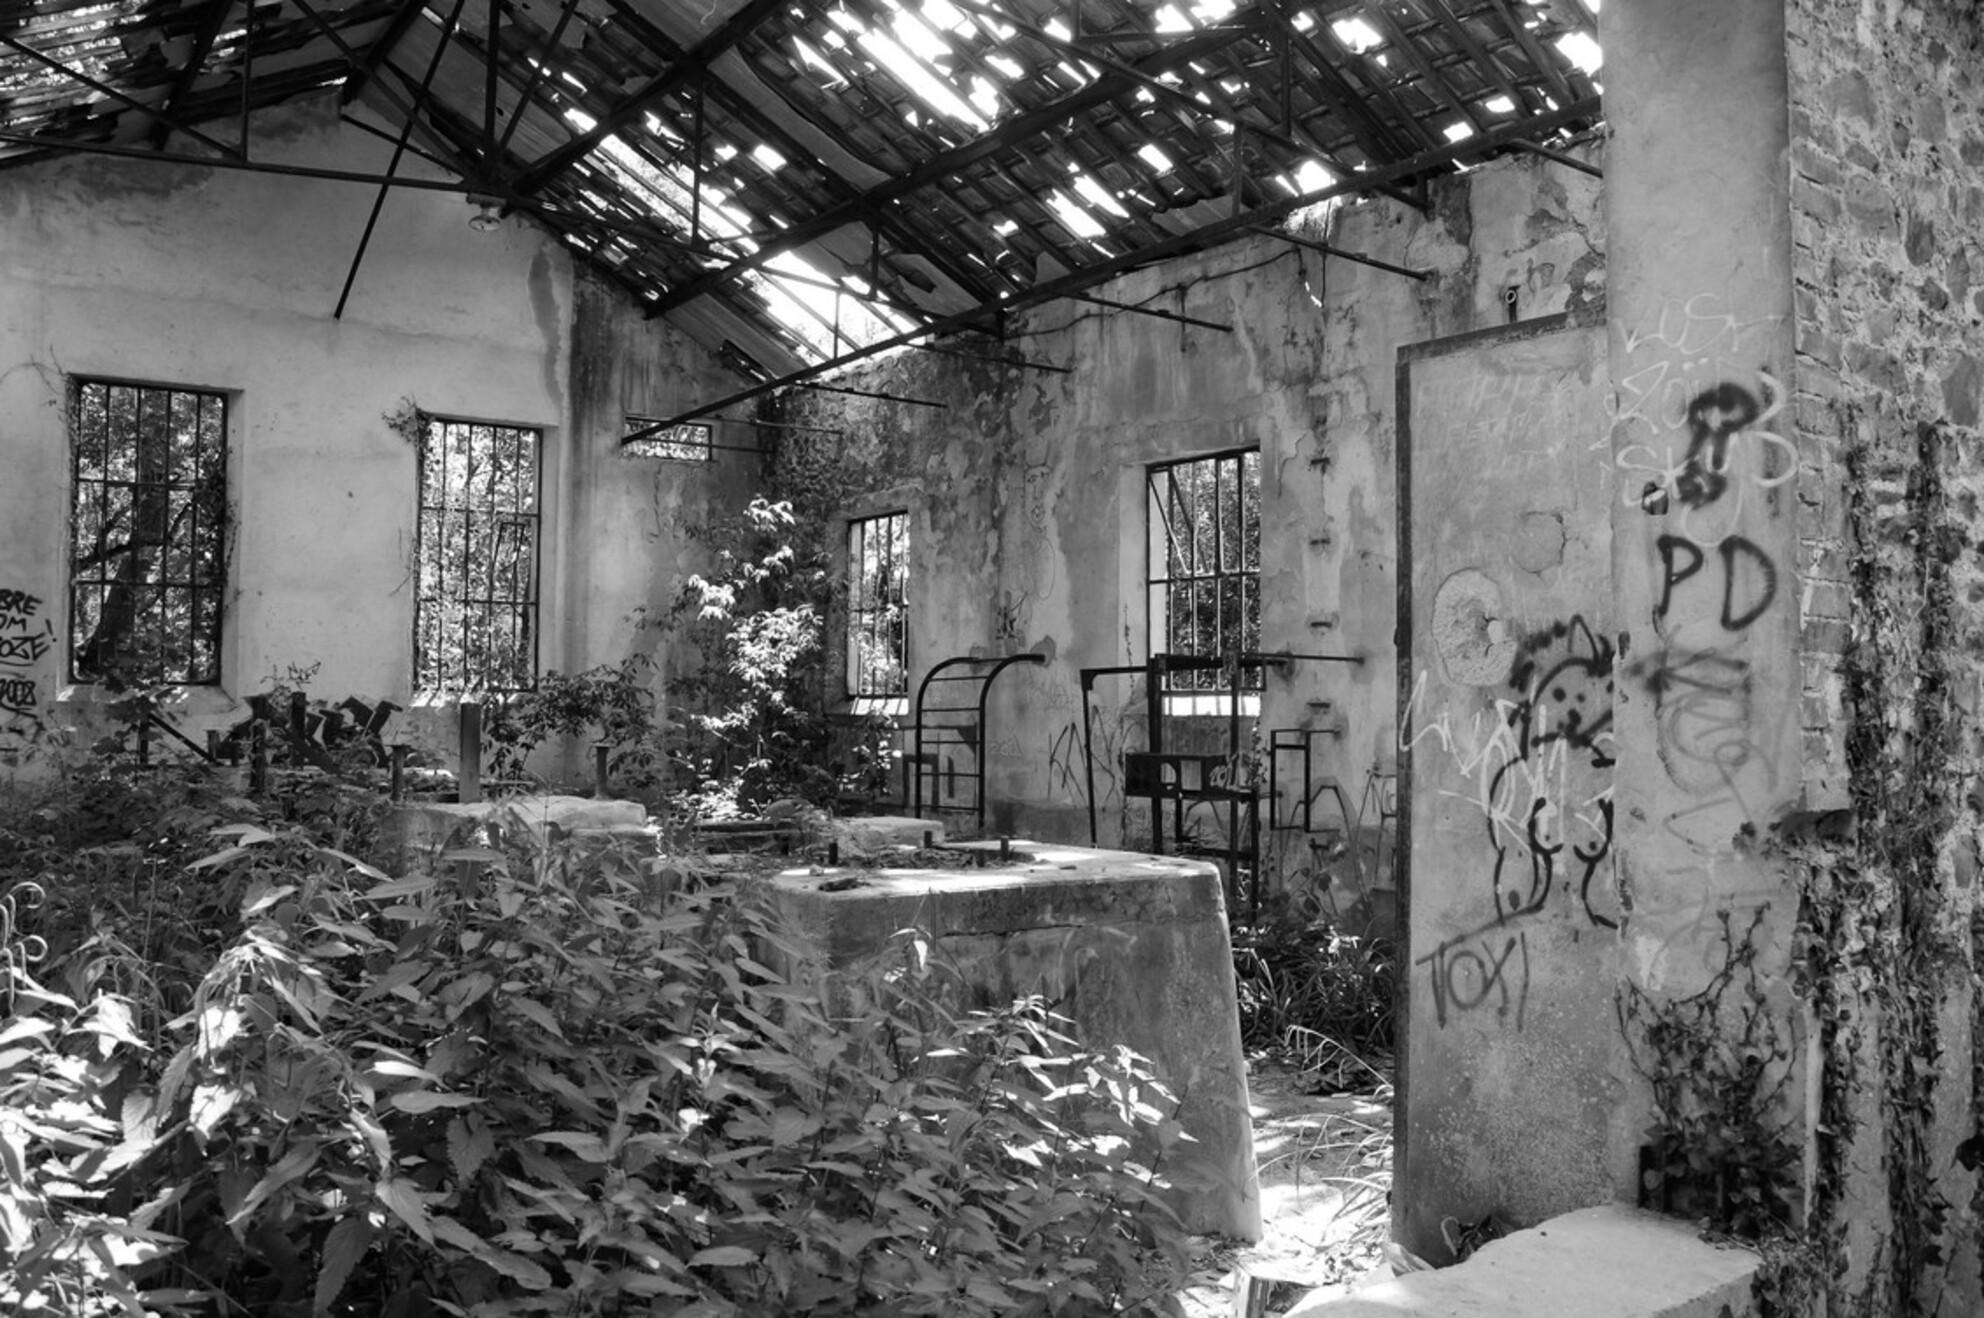 Begroeid - Tijdens een wandeling in Normandïe kwam ik dit oud sluishuisje tegen, helemaal overgroeid en vervallen - foto door brunvanh op 13-10-2010 - deze foto bevat: vervallen, begroeid